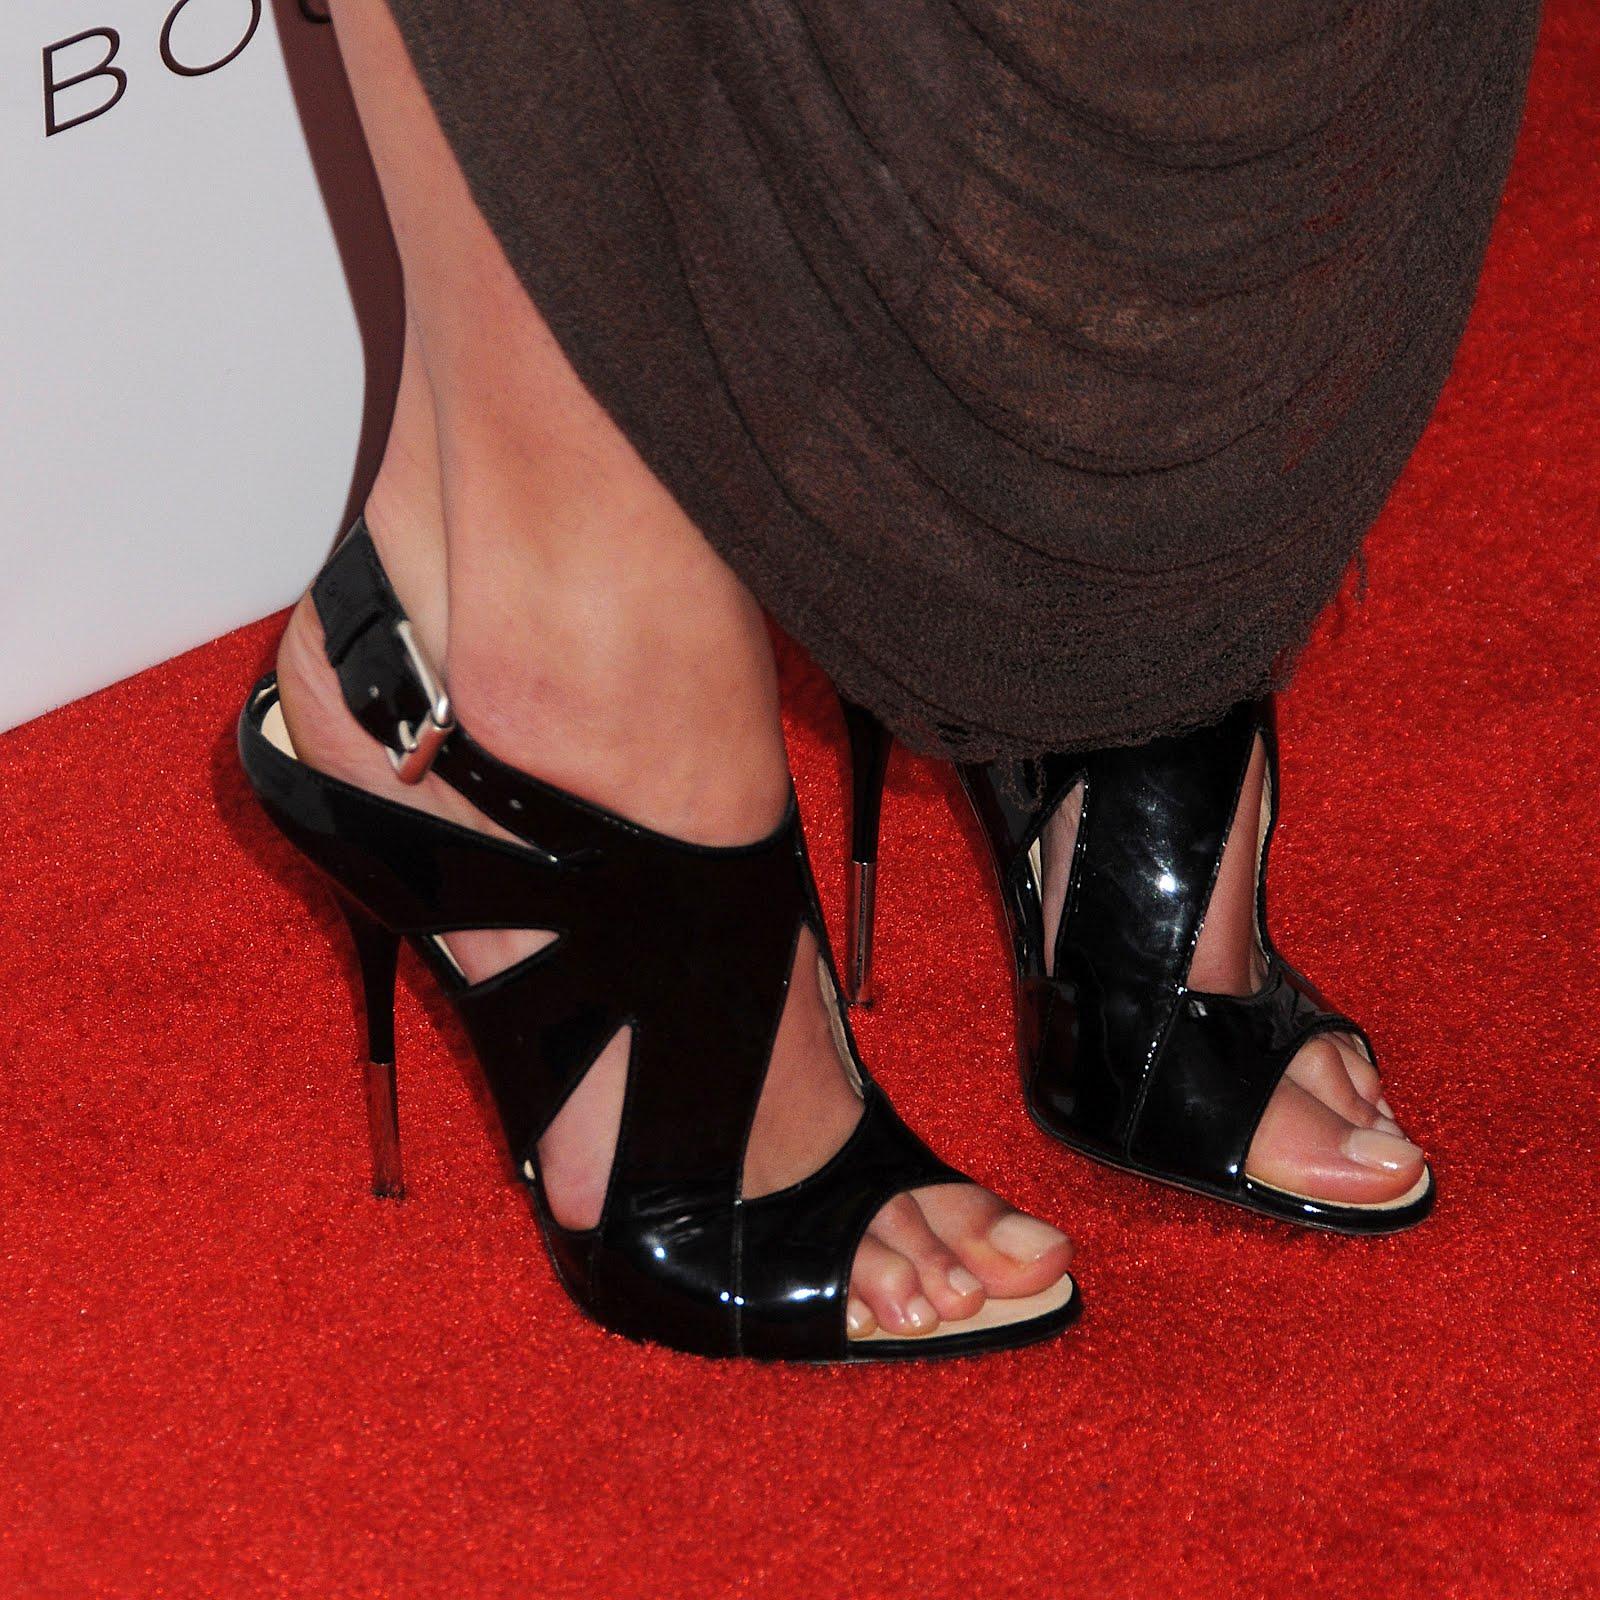 http://2.bp.blogspot.com/-y8VRbCPGw3w/UBaqmV8M5KI/AAAAAAAAAOA/myqTFNaxCVc/s1600/Amanda_Righetti_Feet_003.jpg